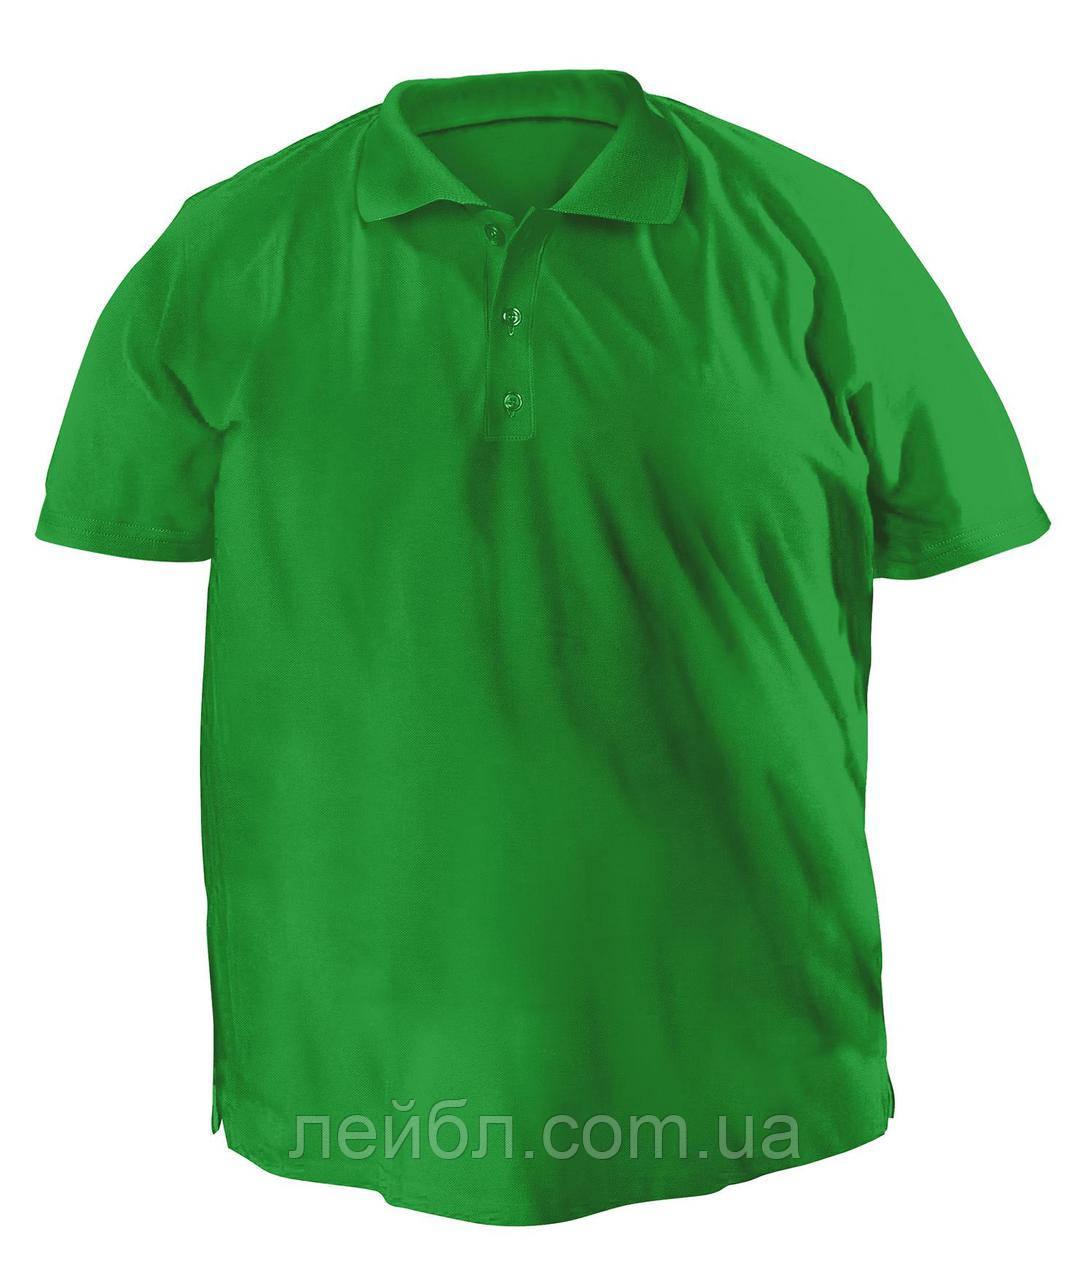 Футболку Polo большая - 7022 зеленый